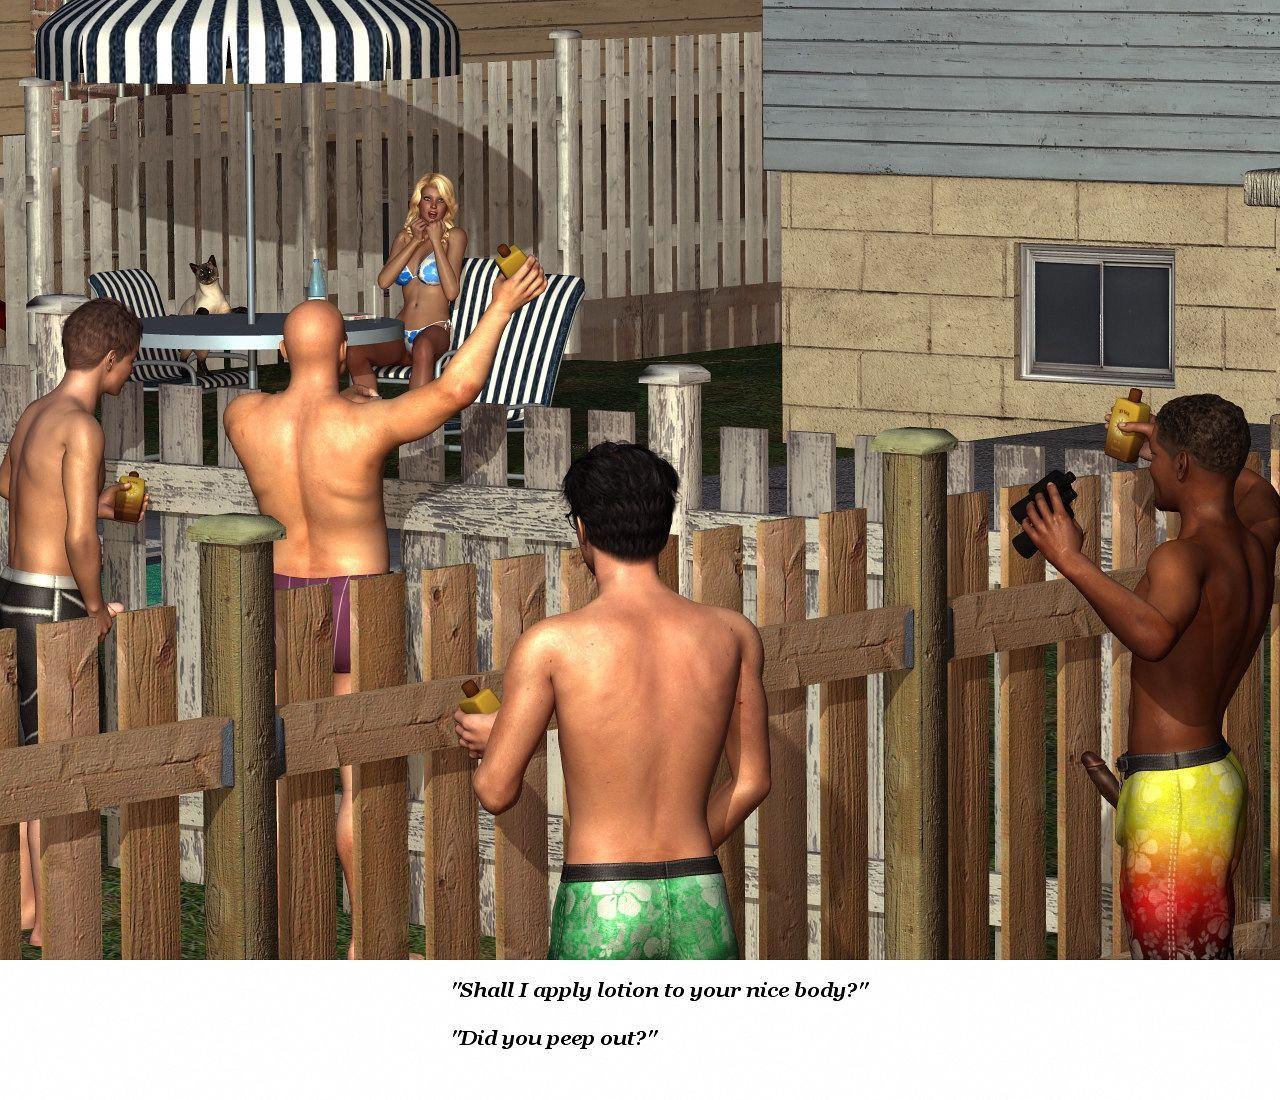 [Kunimasa] - The Neighbor's Pool